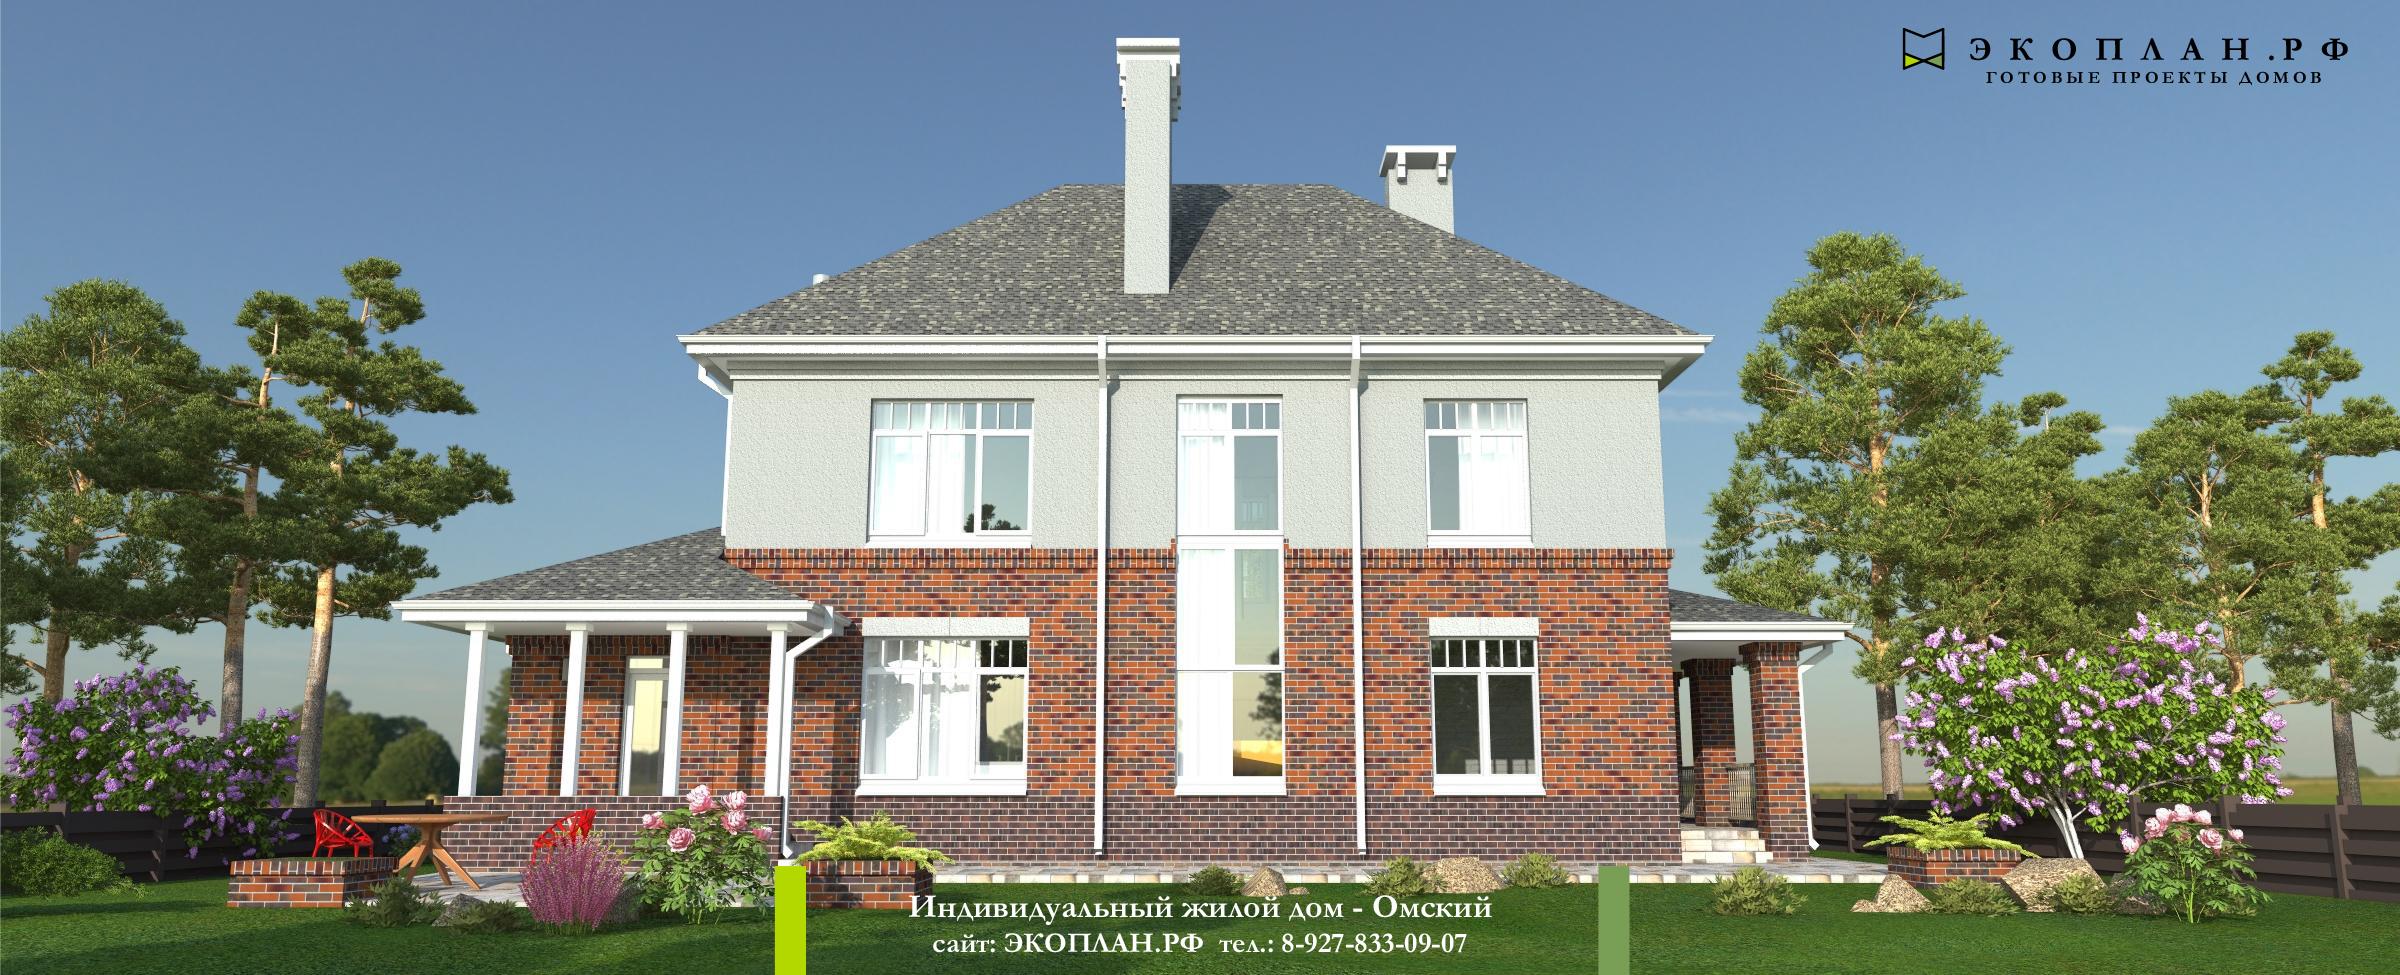 Готовый проект двухэтажного дома-Омский-Экоплан.рф фасад